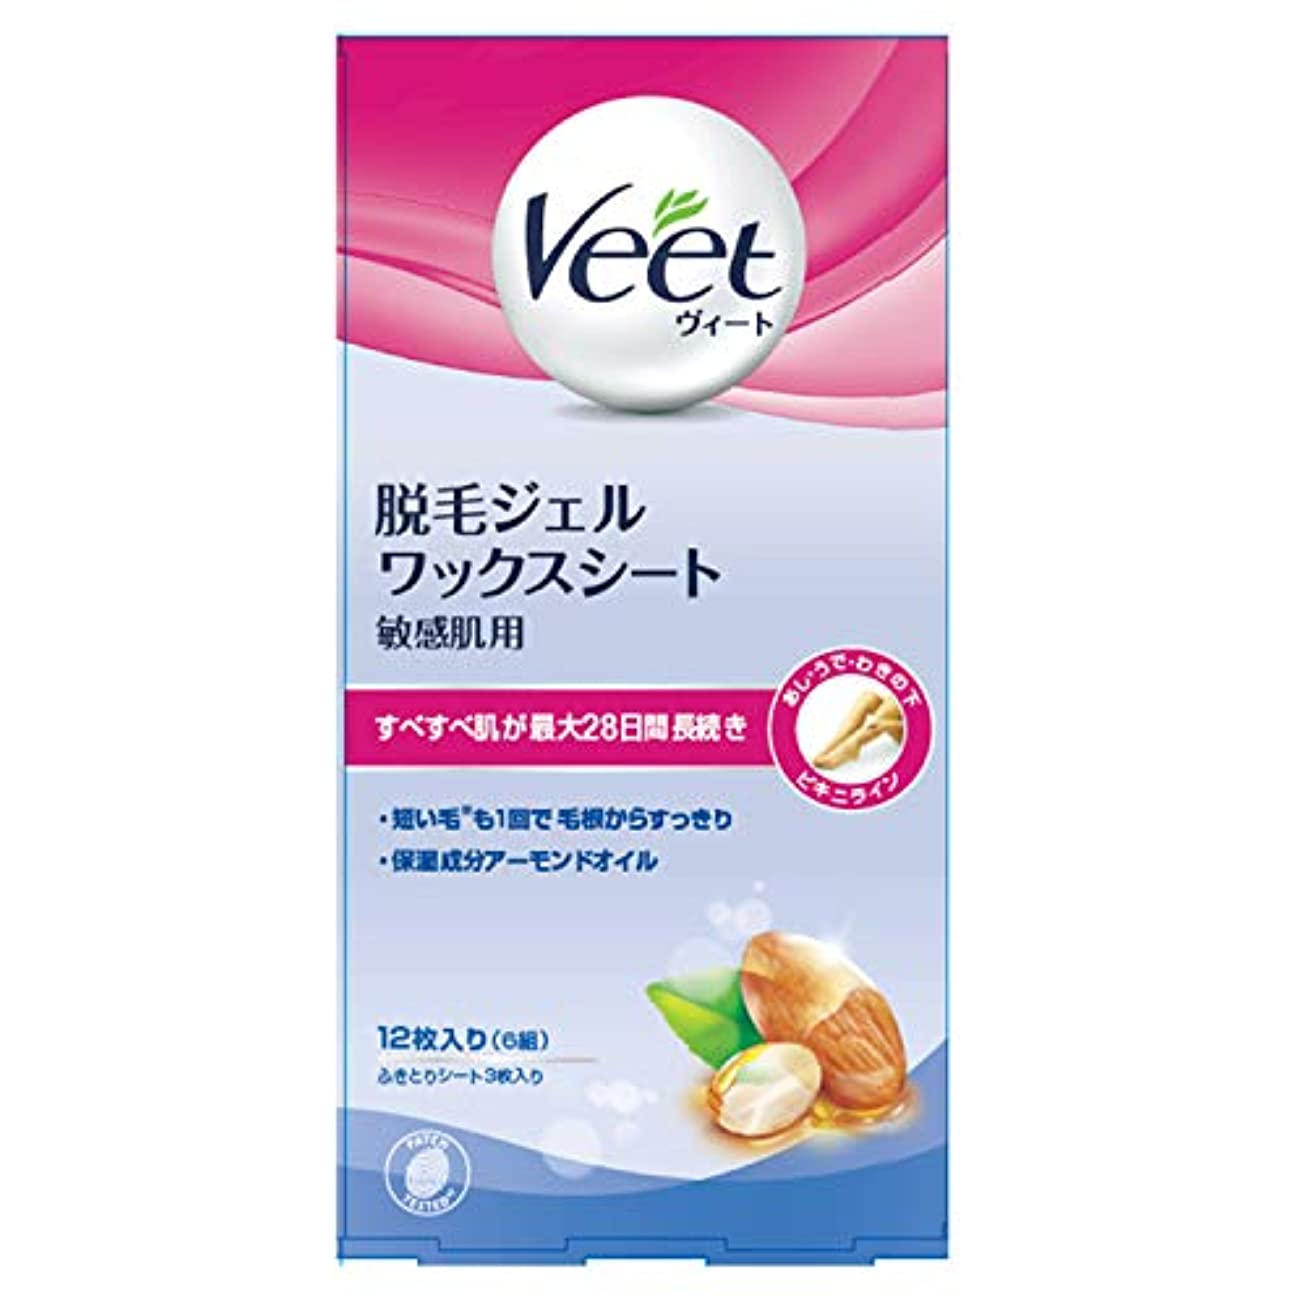 大声でライム復讐ヴィート 脱毛ワックスシート 敏感肌用 (Veet Wax Strips Sensitive)